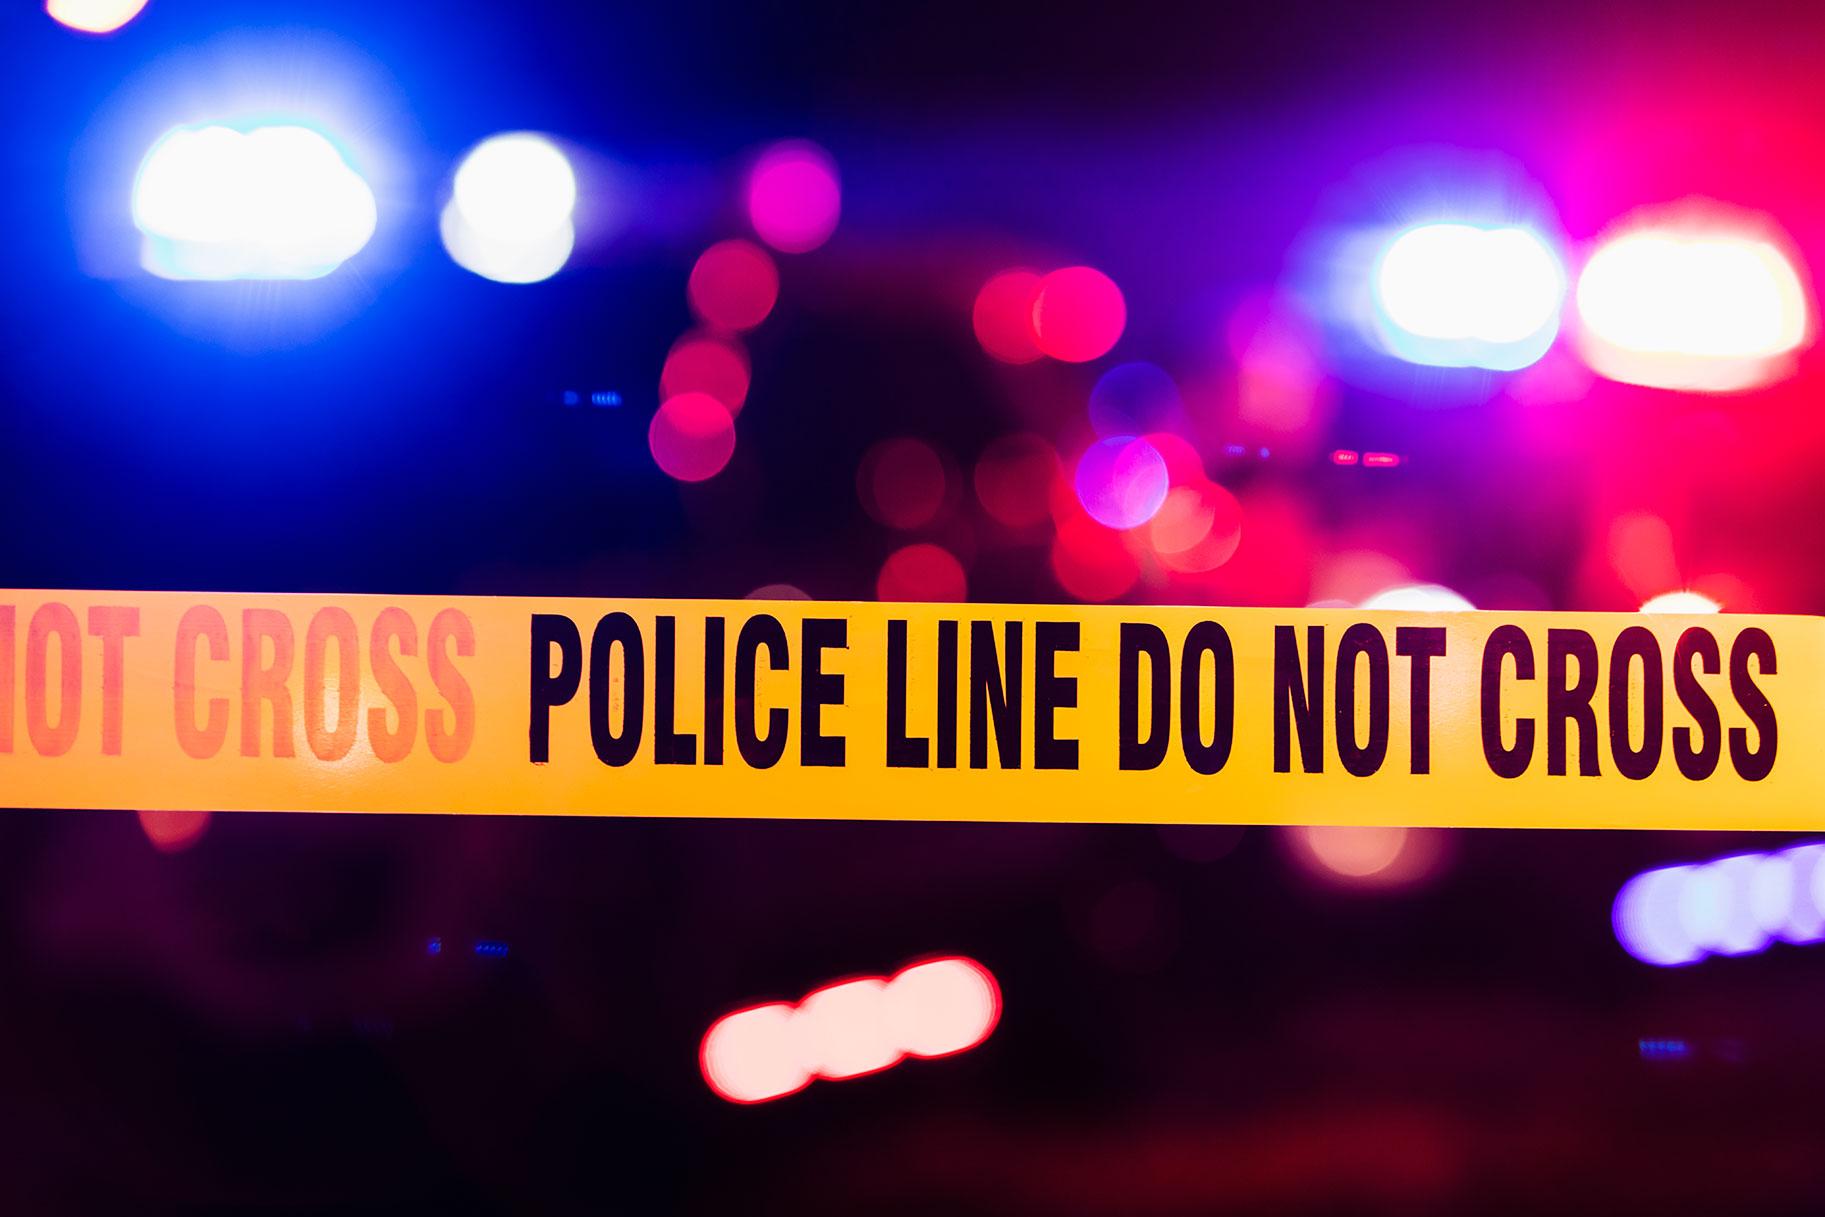 אישה שנסעה שיכורה עם הומלס שתקעה בשמשה הקדמית שהורשעה ברצח